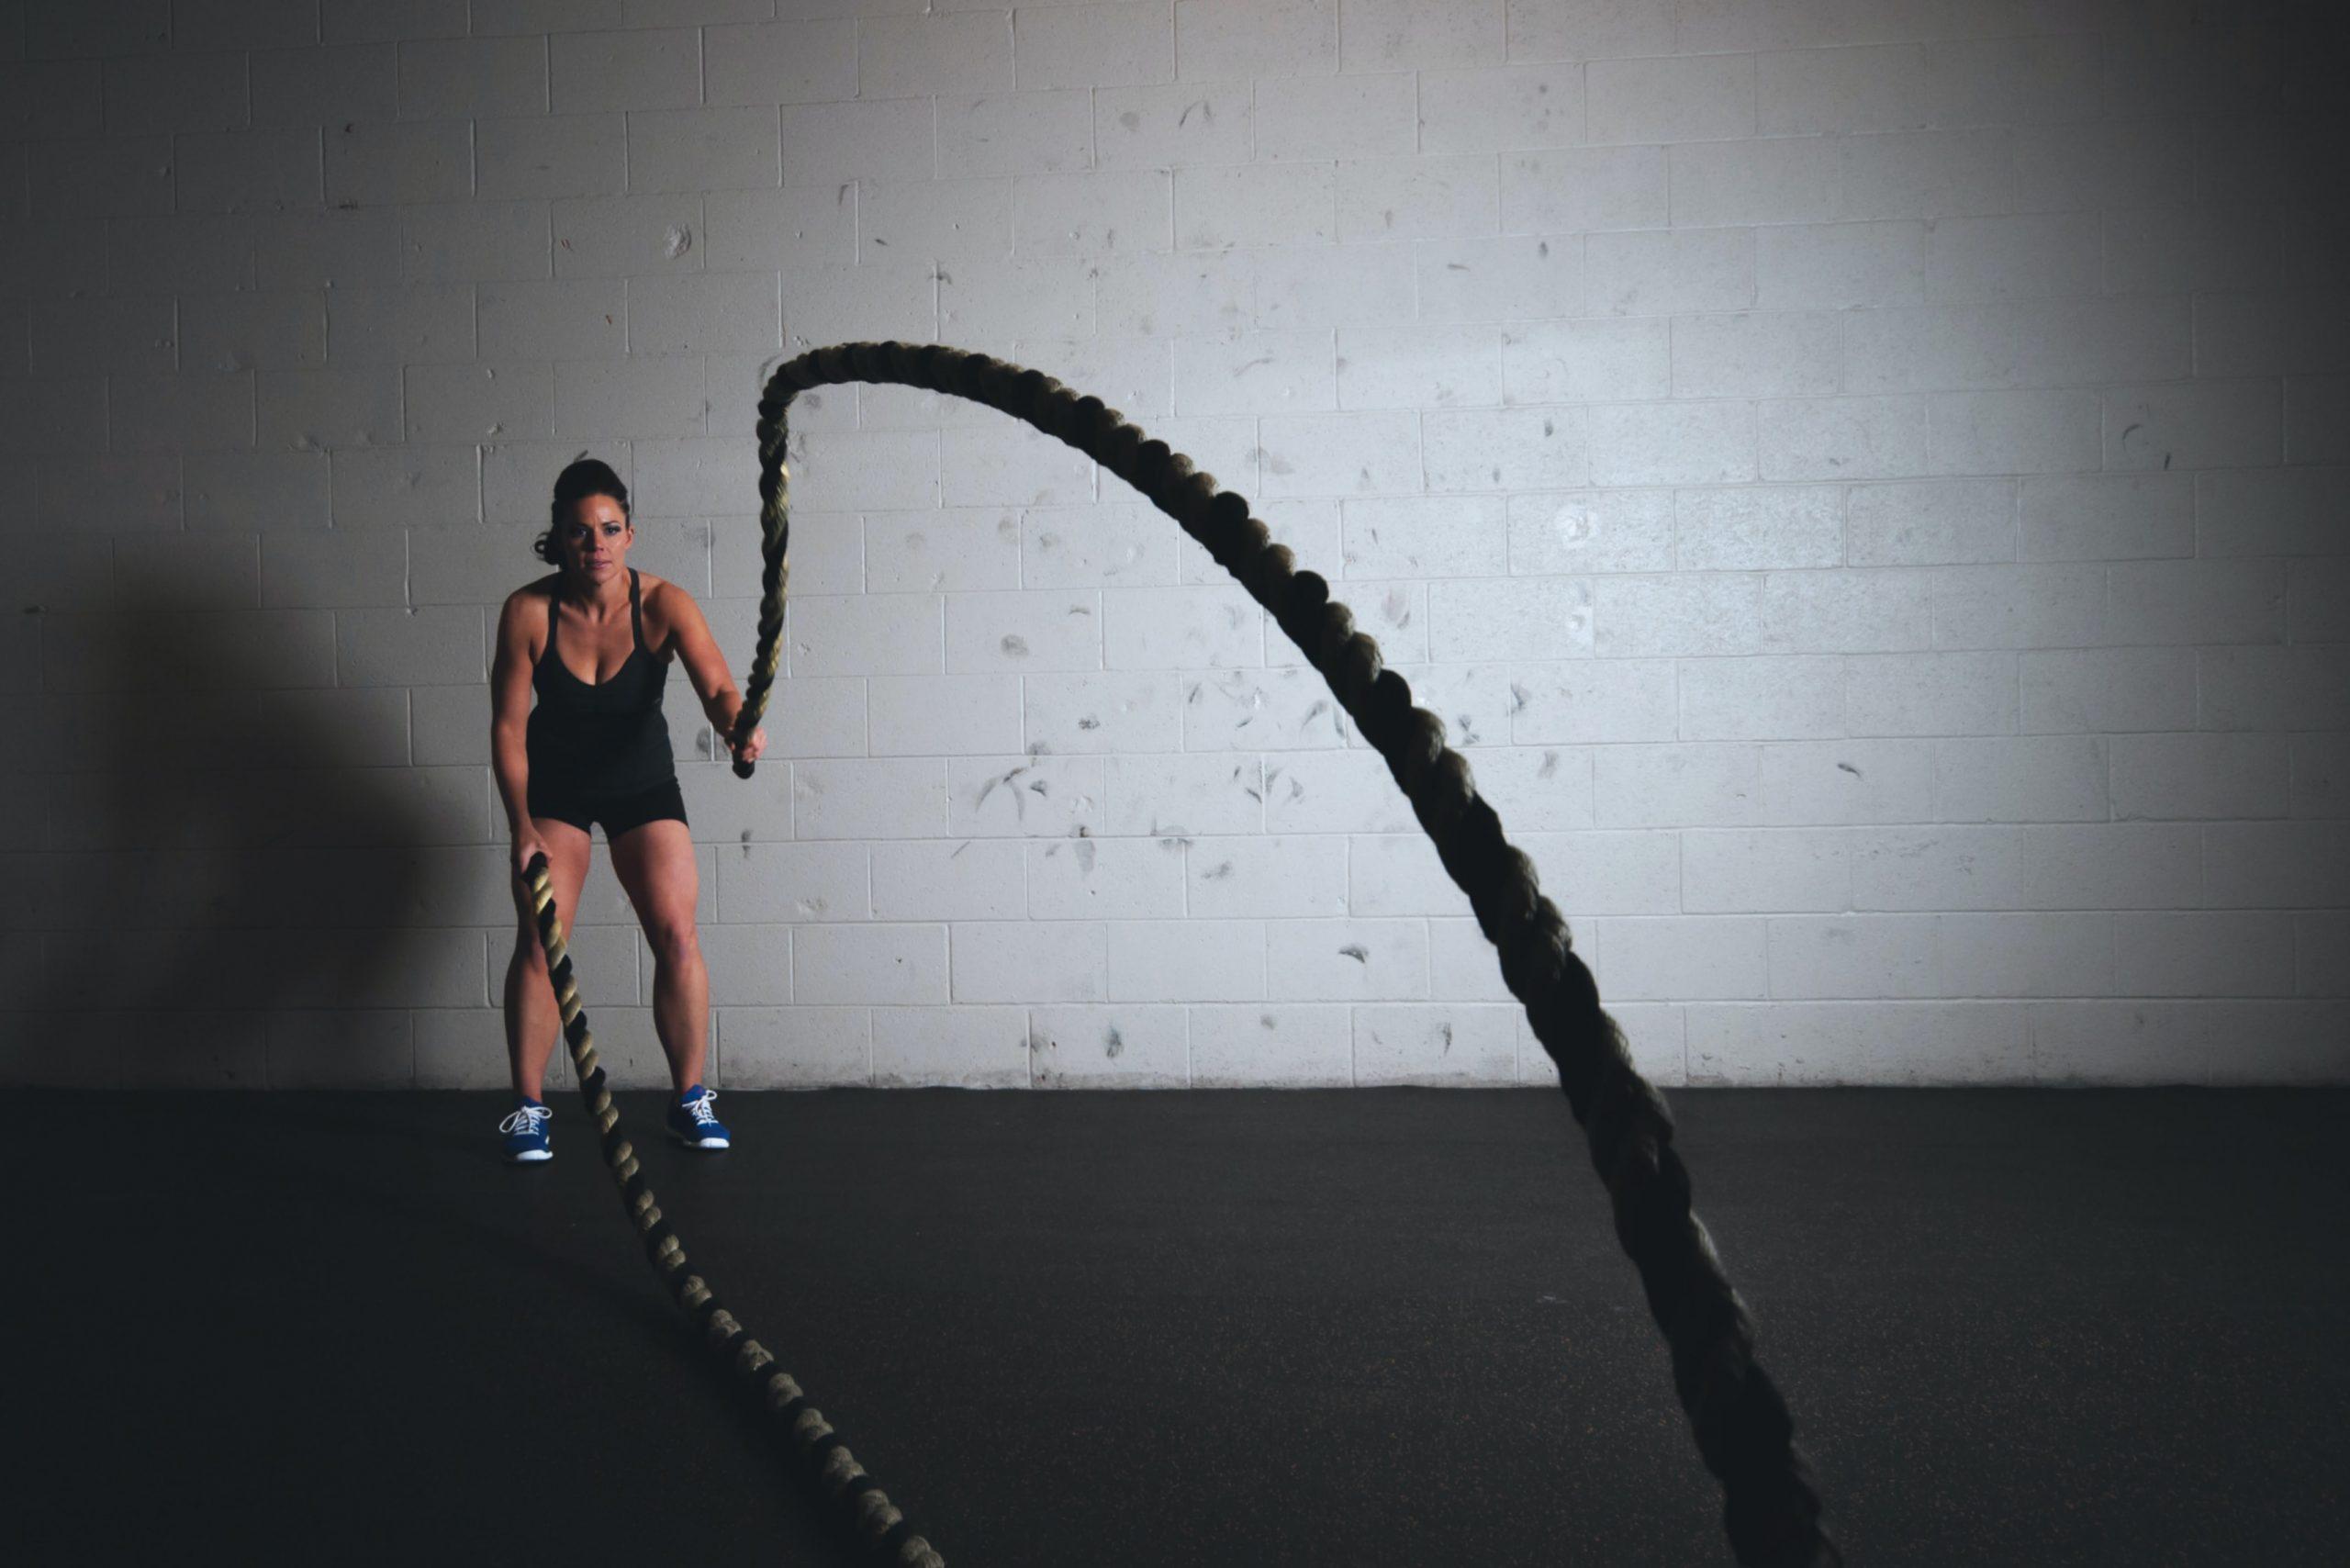 Imagem de uma mulher fazendo exercícios com uma corda.